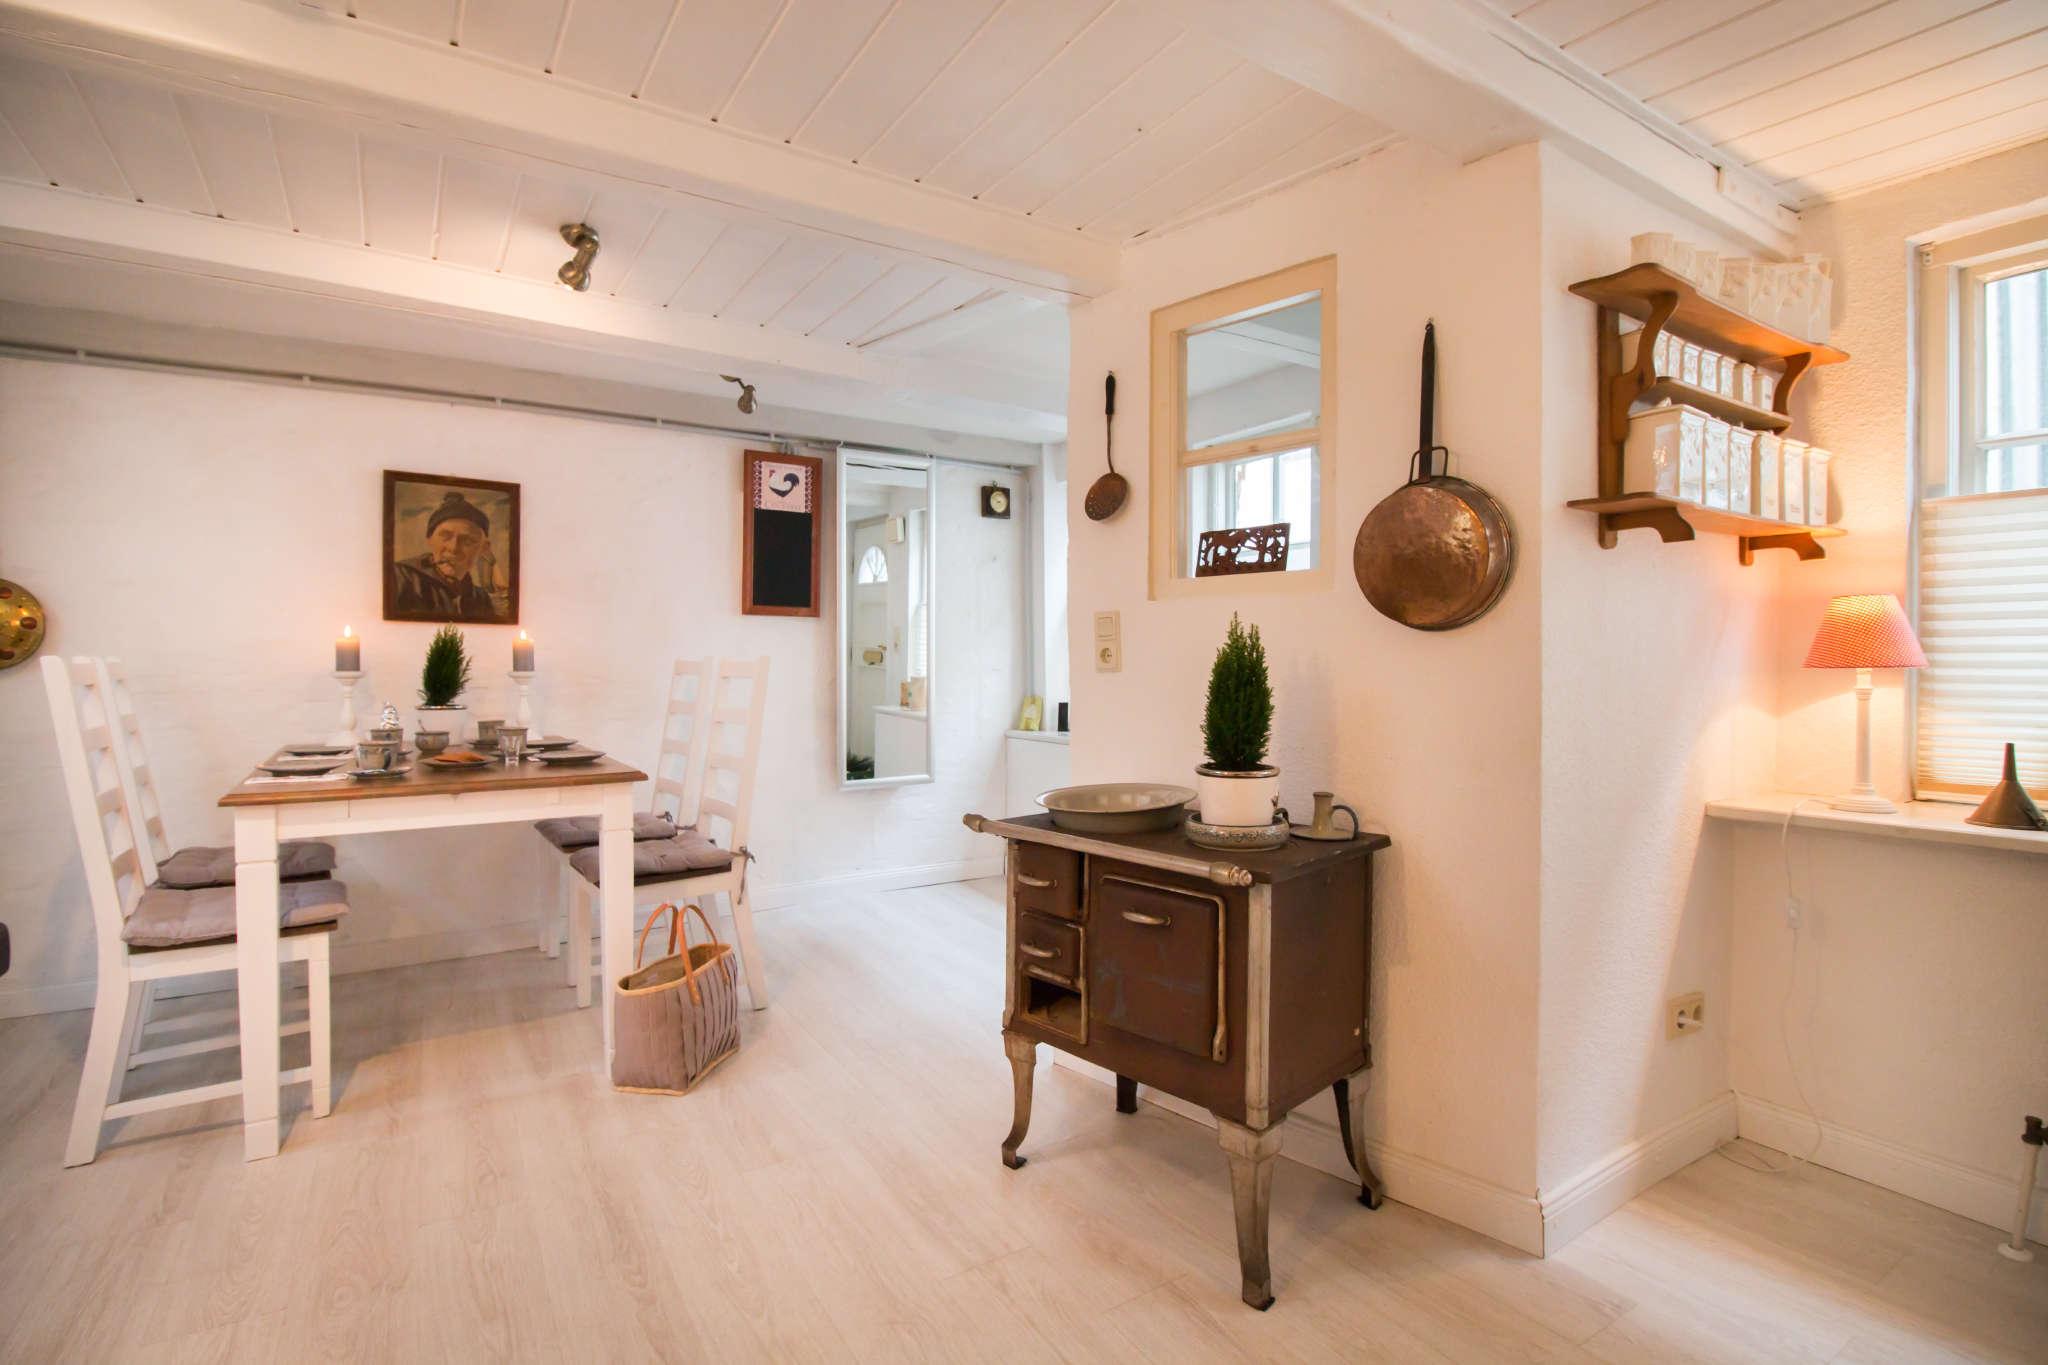 ferienhaus 39 nis puk 39 gro bildergalerie. Black Bedroom Furniture Sets. Home Design Ideas